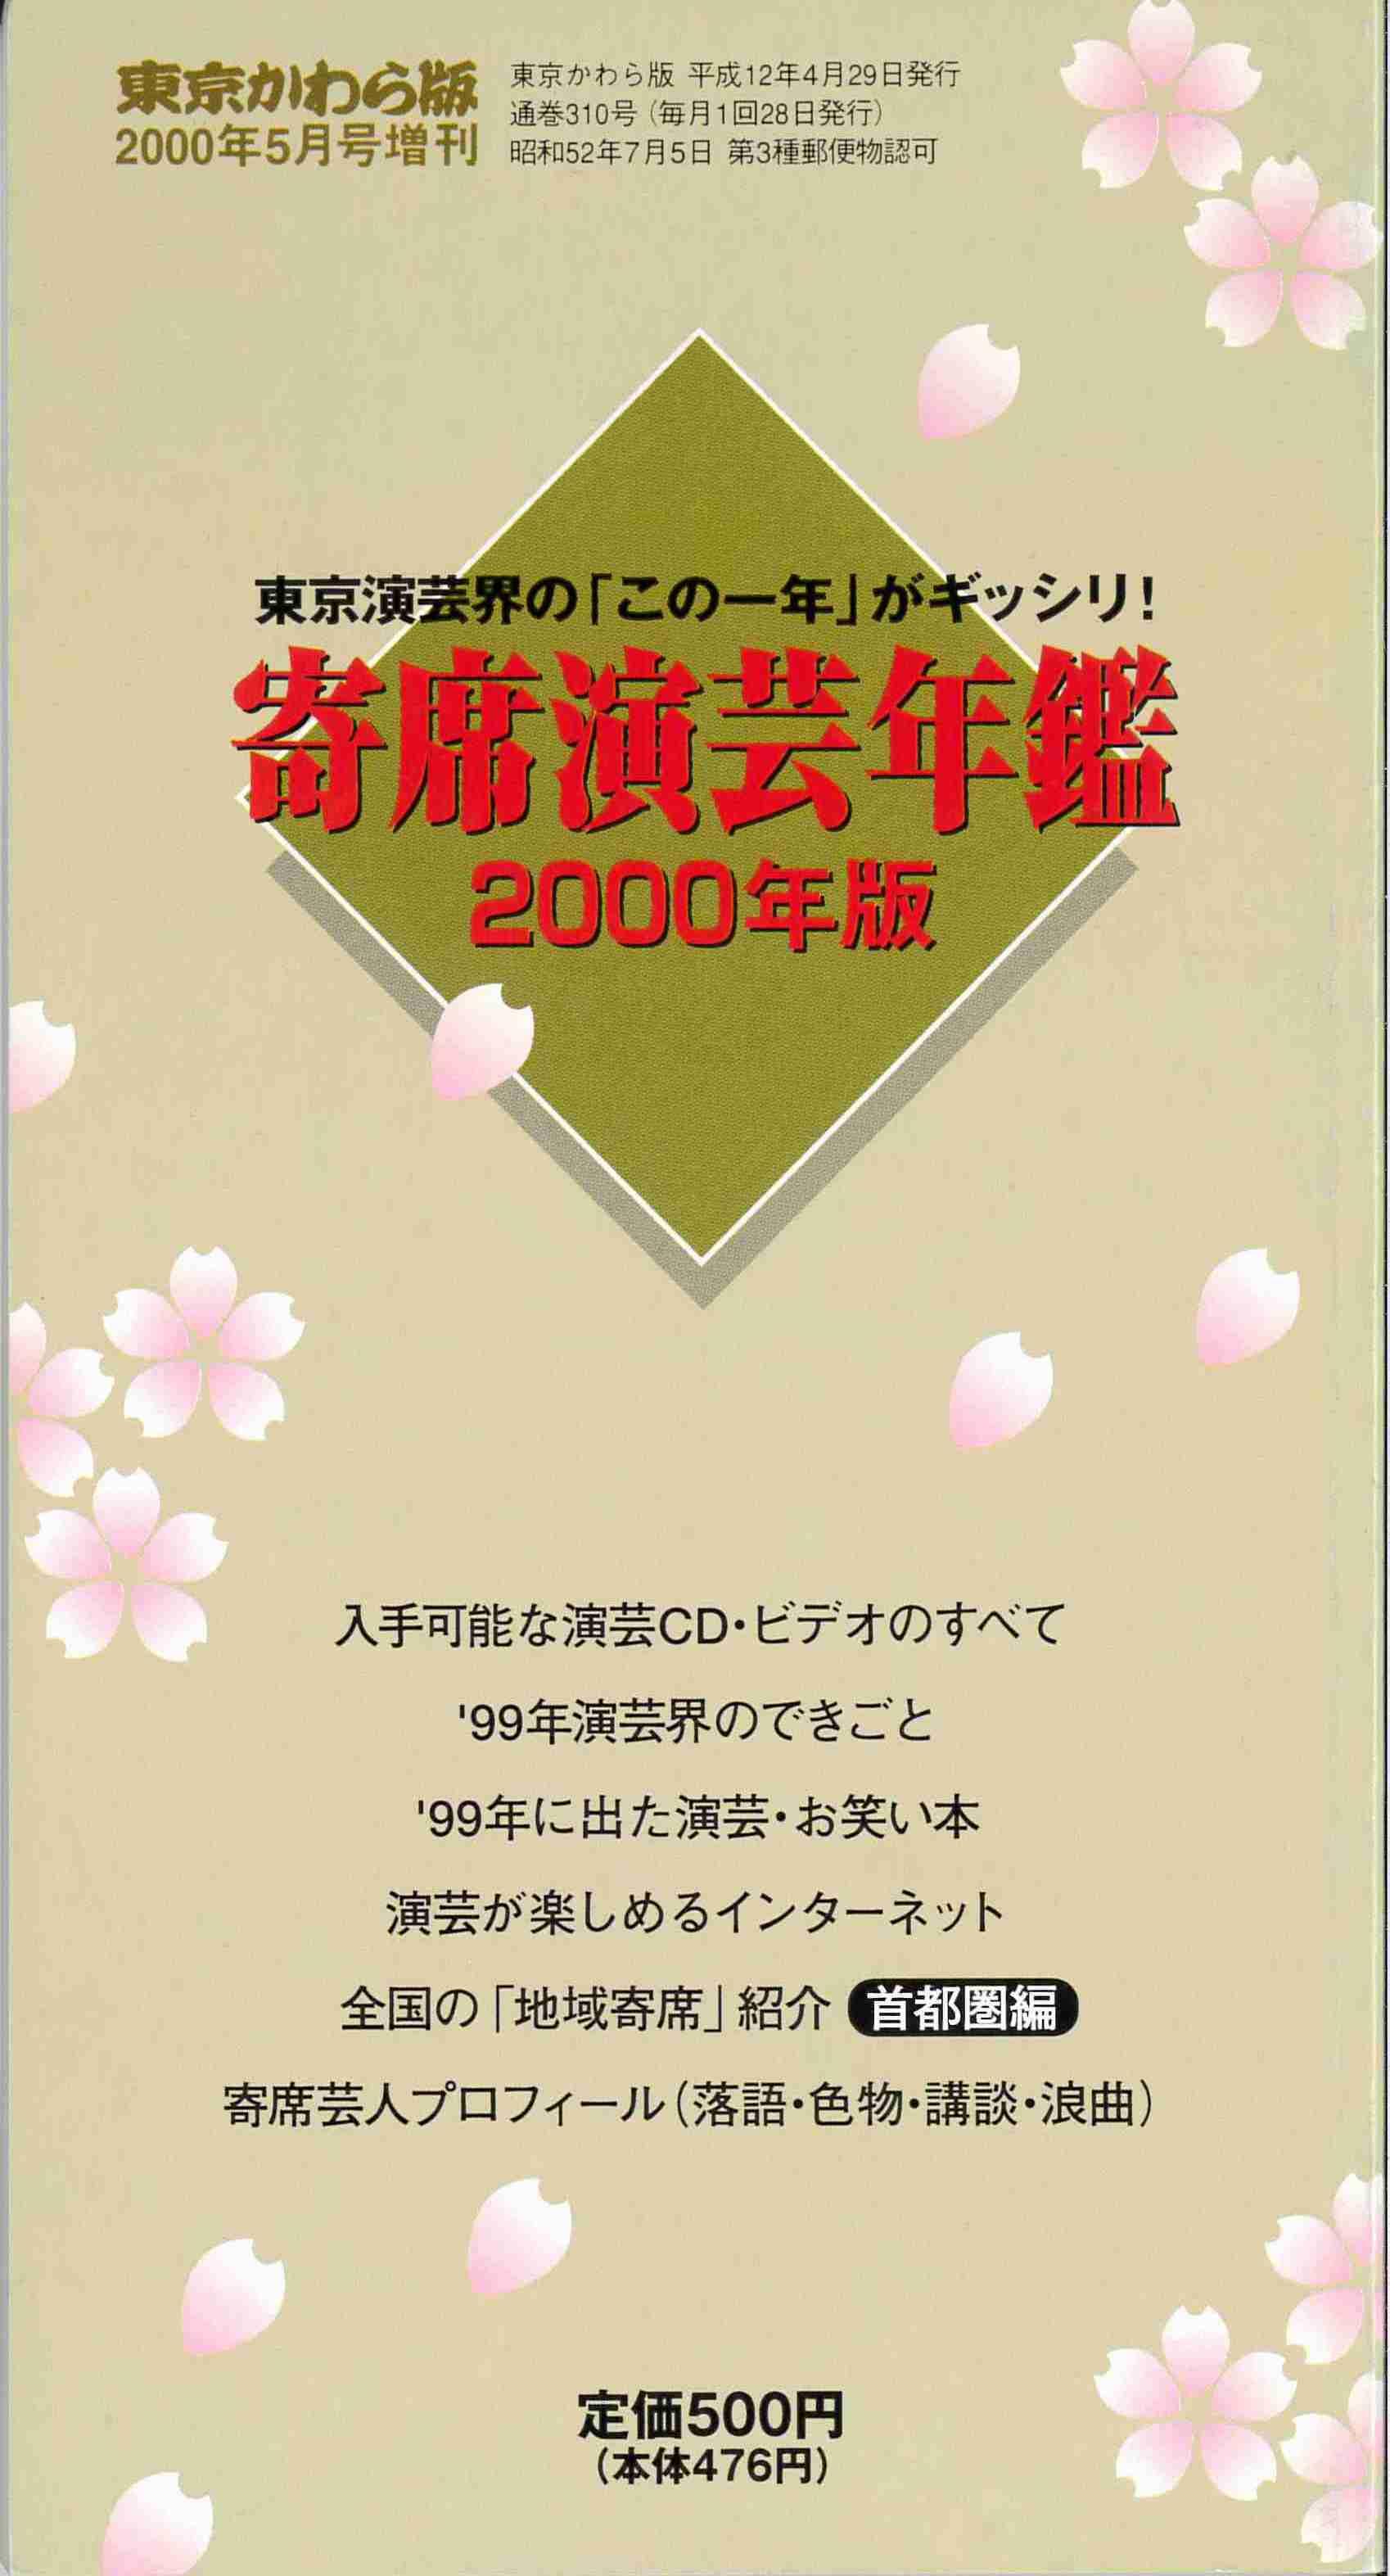 【完売御礼】寄席演芸年鑑 2000年版